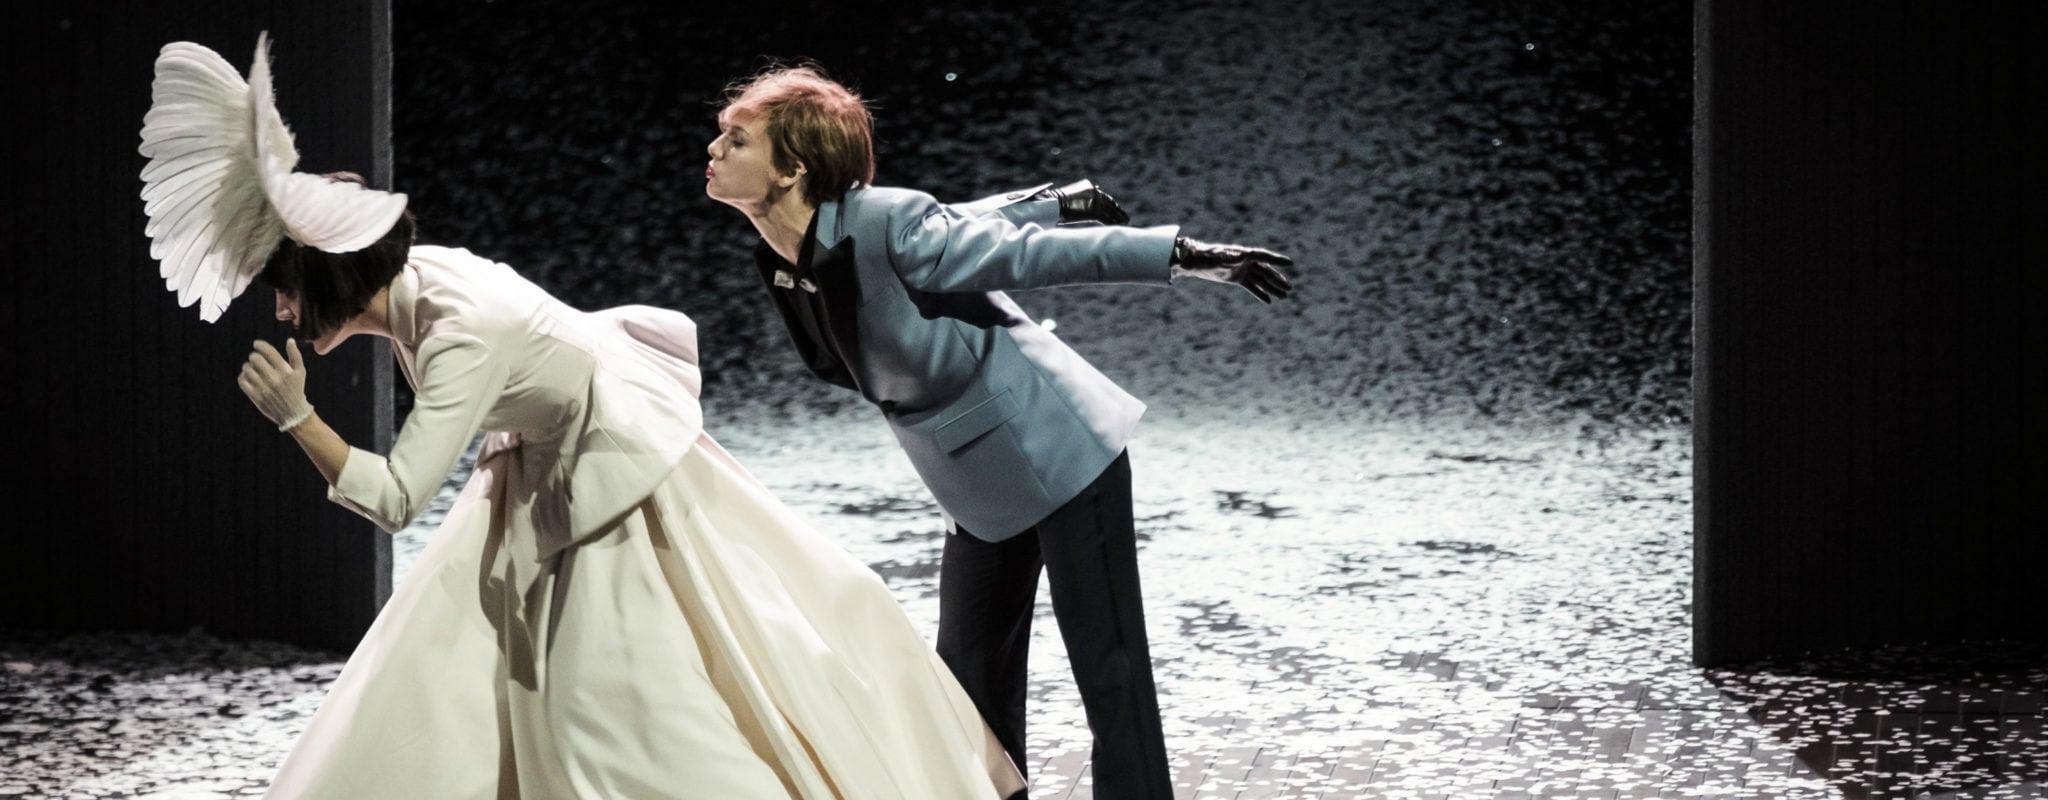 Le Nozze di Figaro, ou la revanche des femmes face à la domination masculine